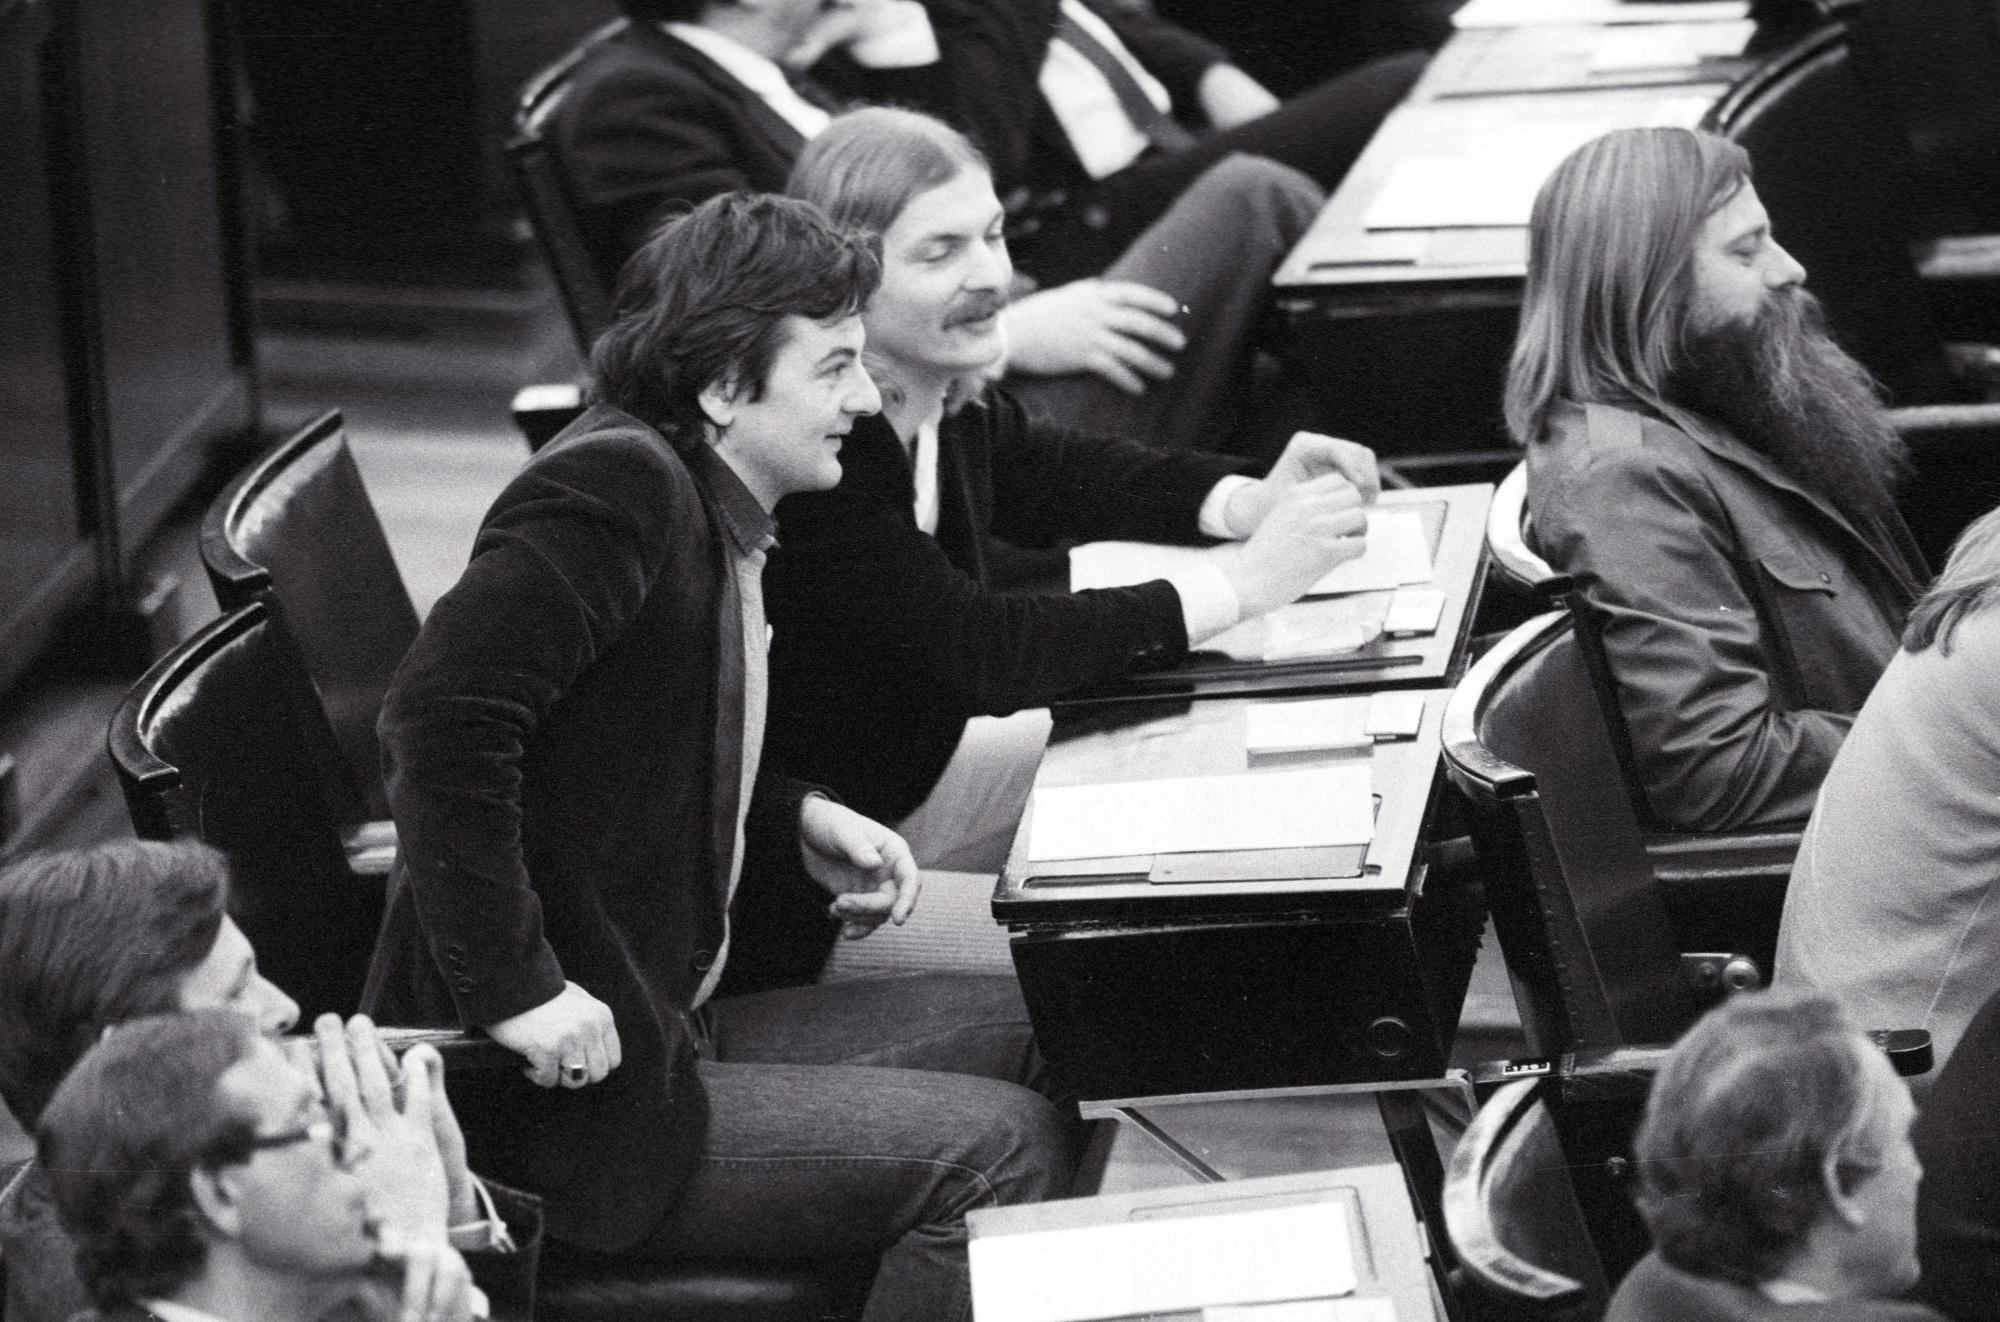 Joschka FISCHER, Hubert KLEINERT, Gert JANNSEN ( The Greens ) at the Federal German Parliament.